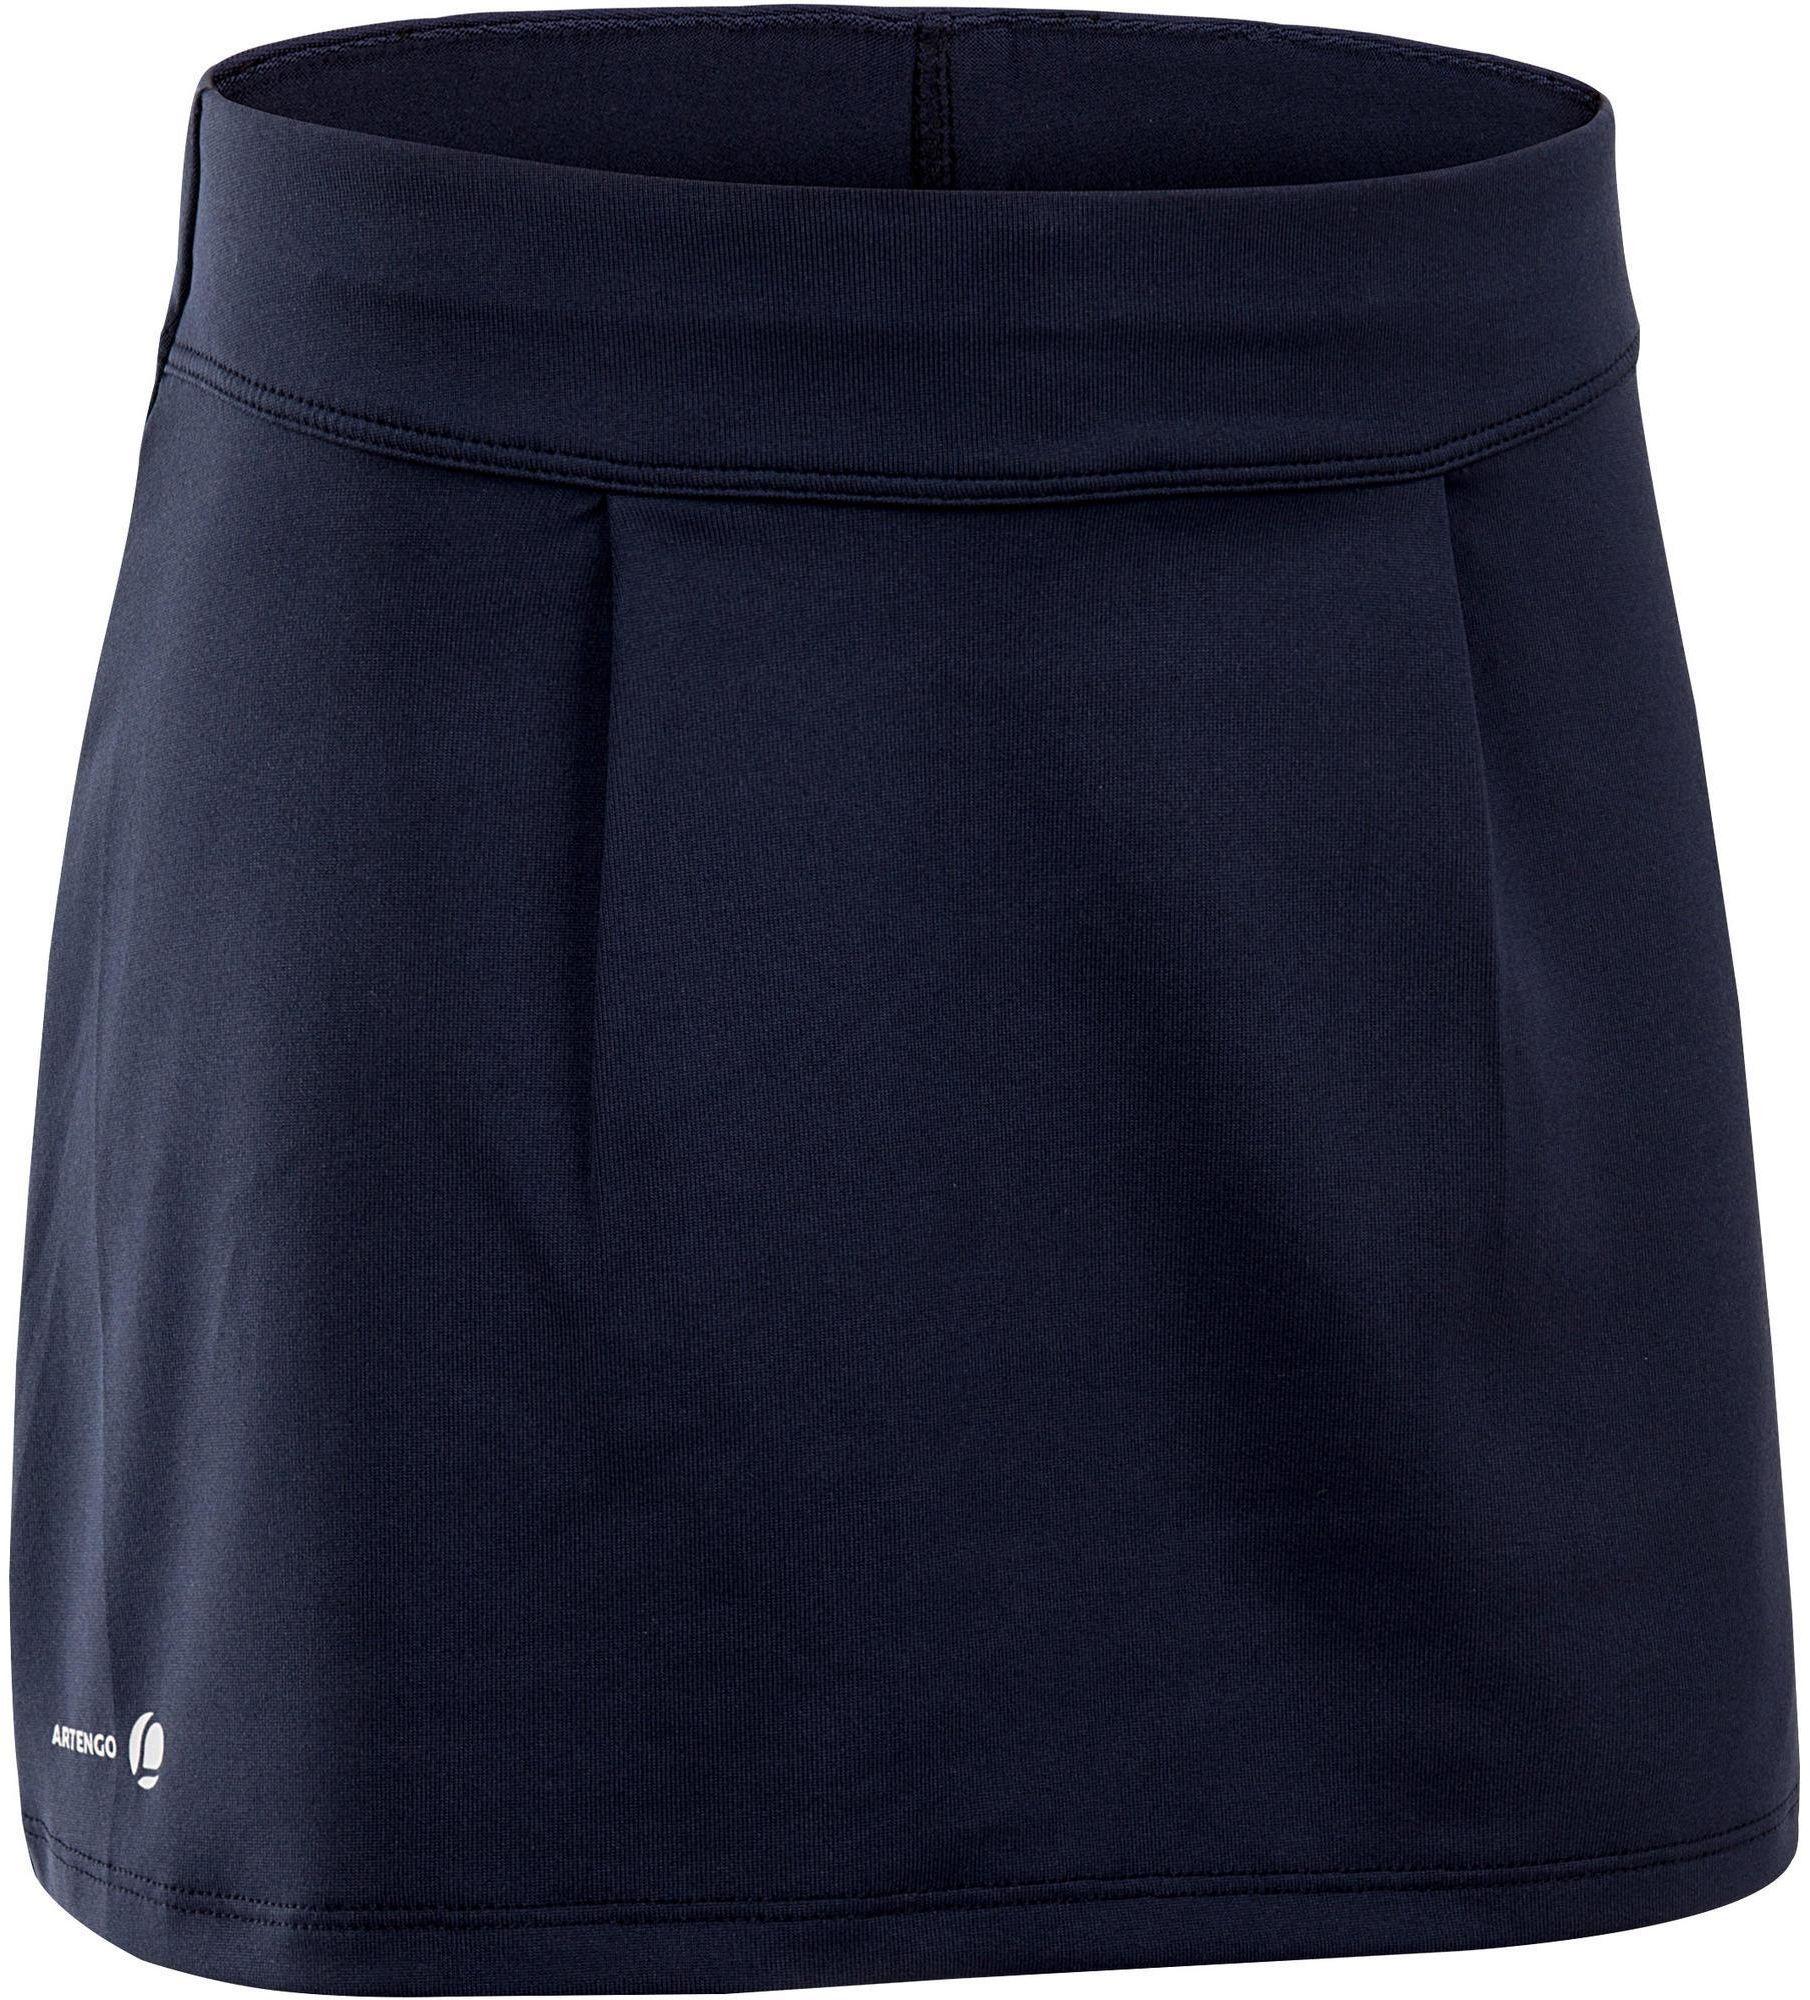 Spódniczka tenisowa 100 dla dziewczynek